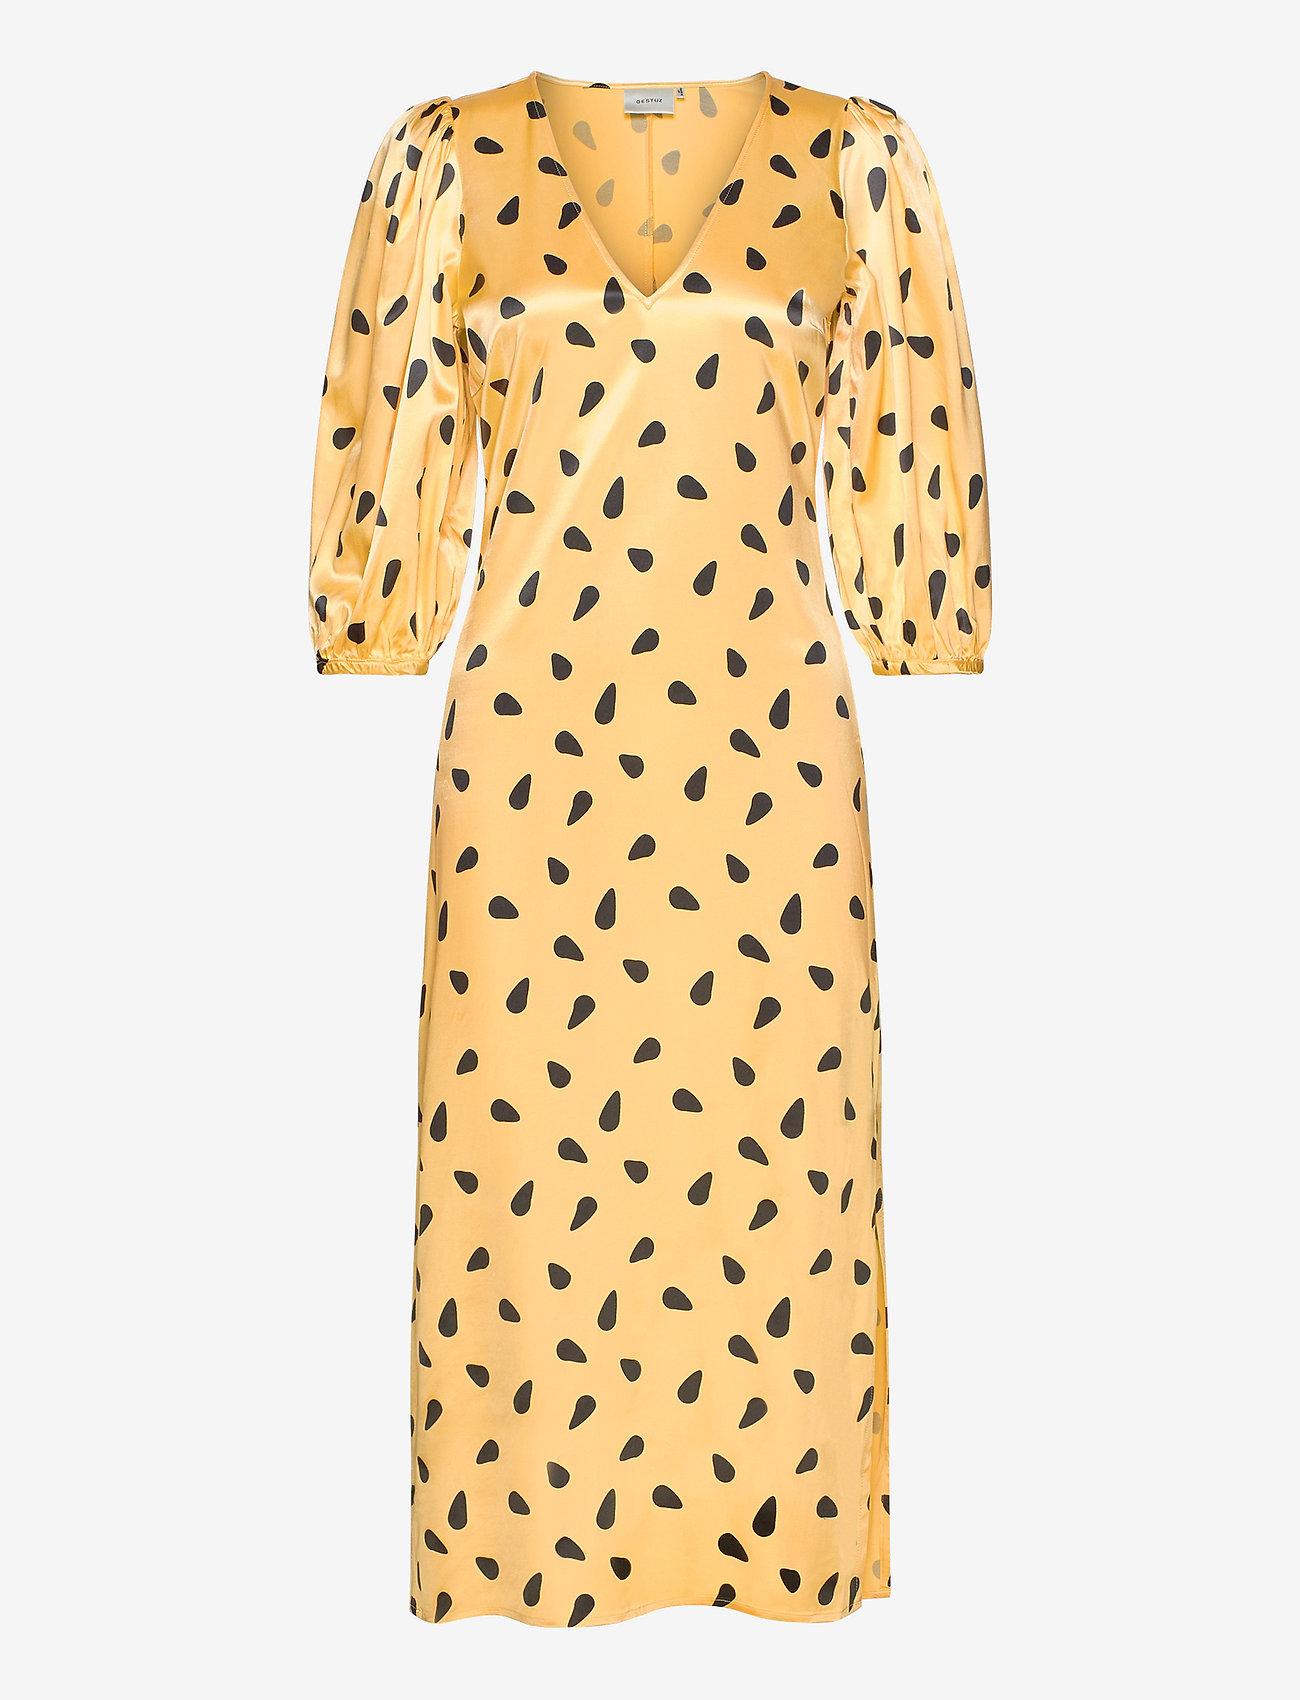 Lutillegz Dress Hs20 (Yellow Black Dot) - Gestuz k23dOn